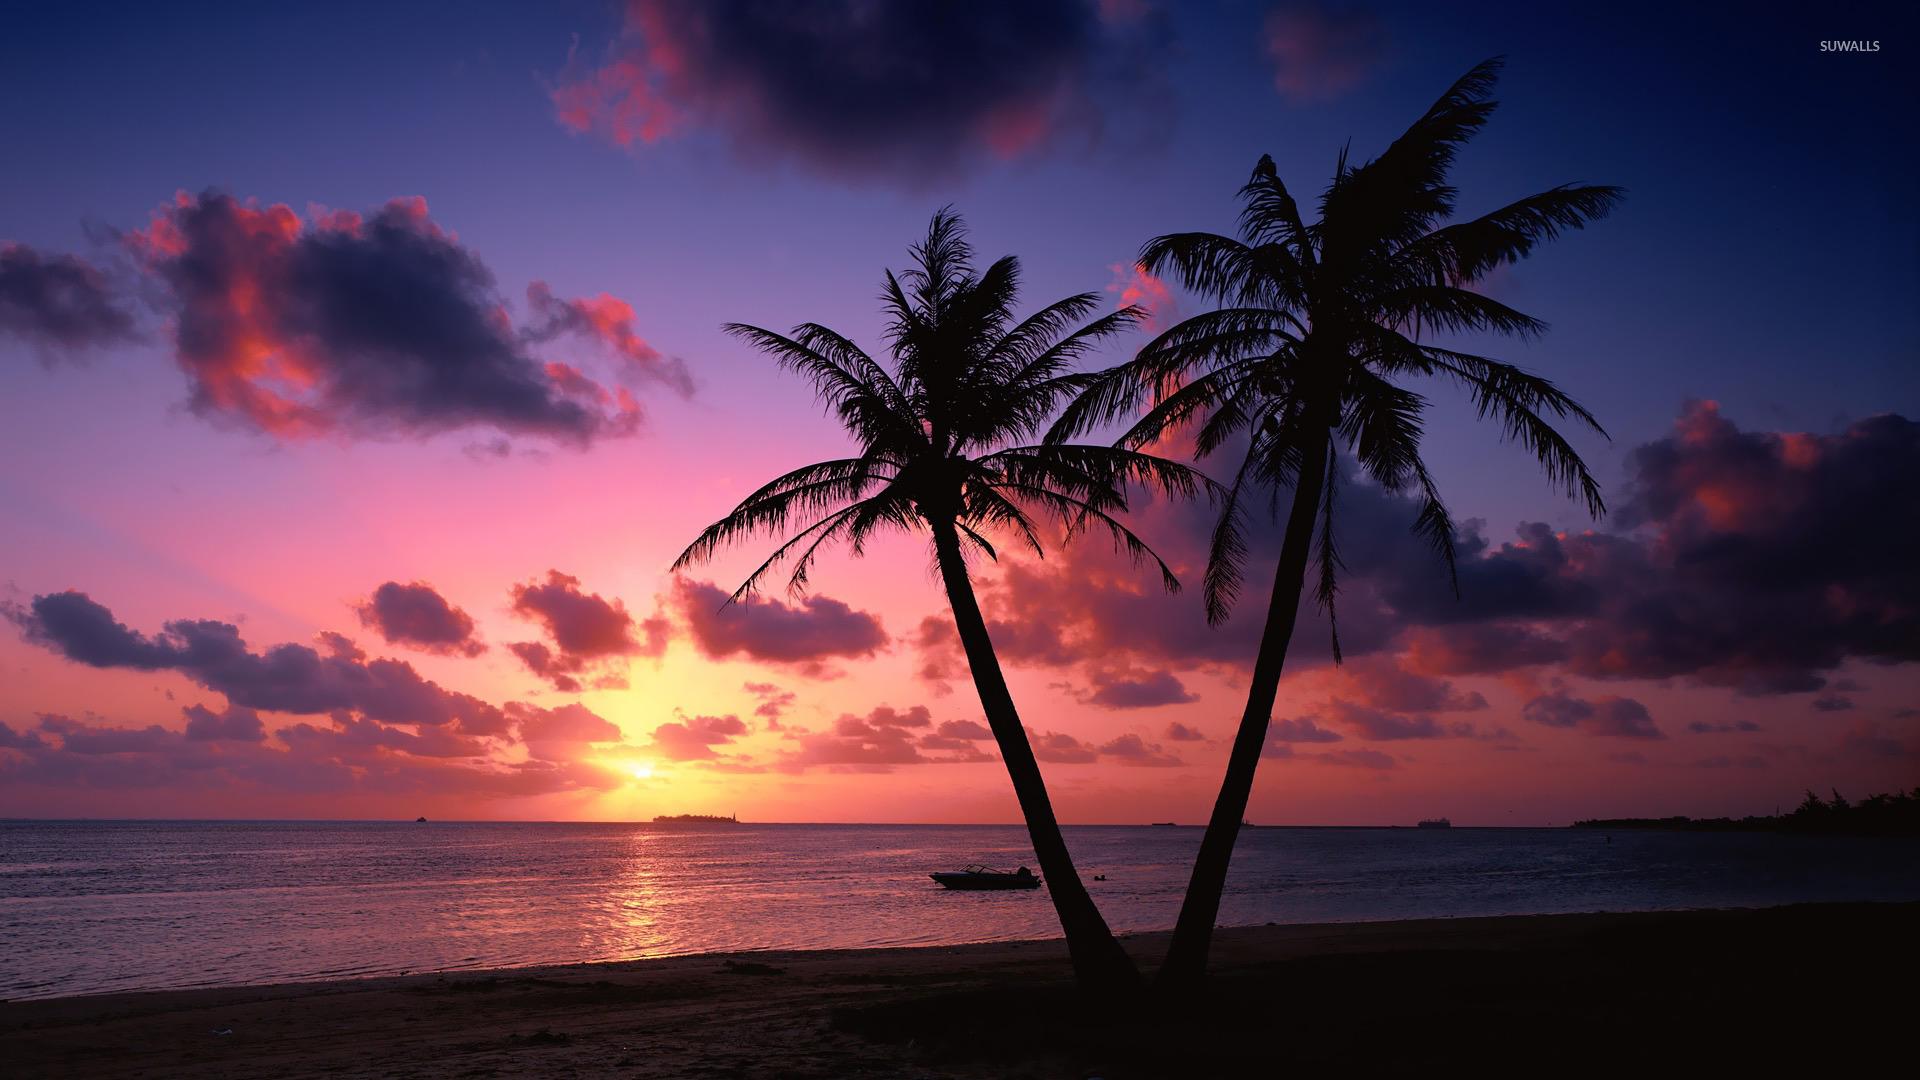 sunset wallpaper - beach wallpapers - #20538